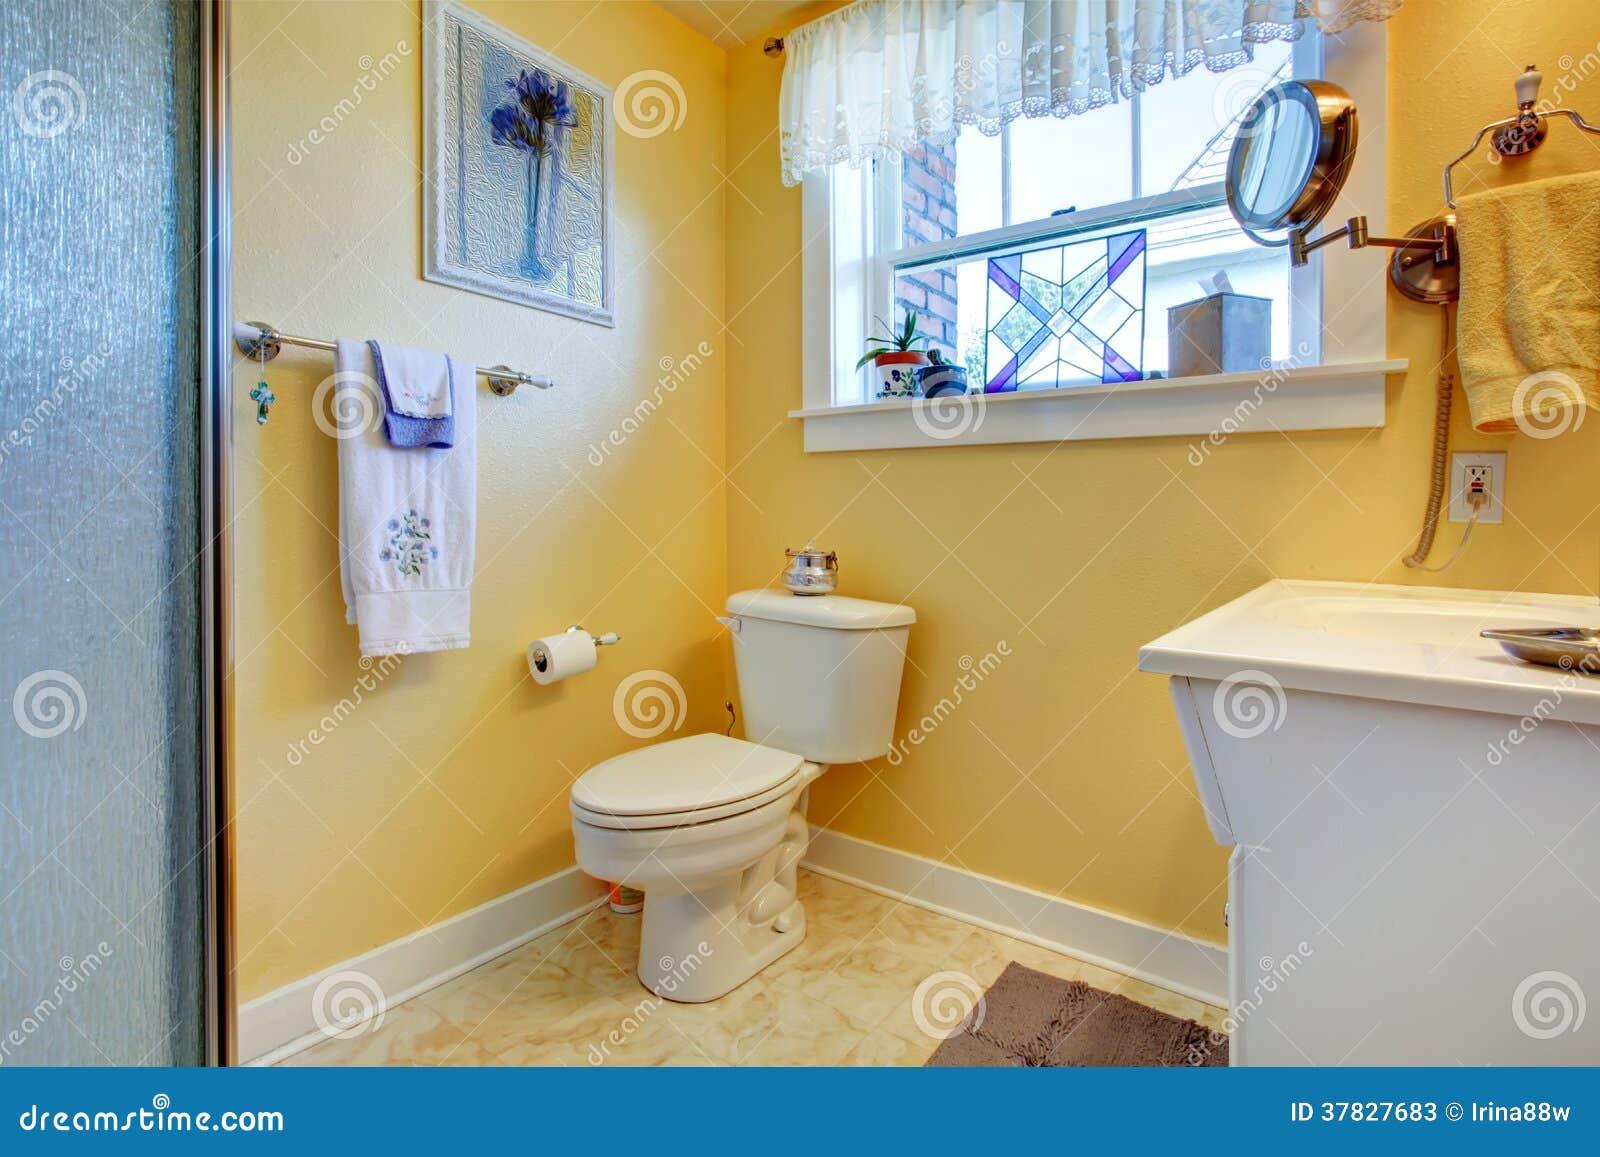 Bagno luminoso giallo immagine stock. Immagine di idea - 37827683